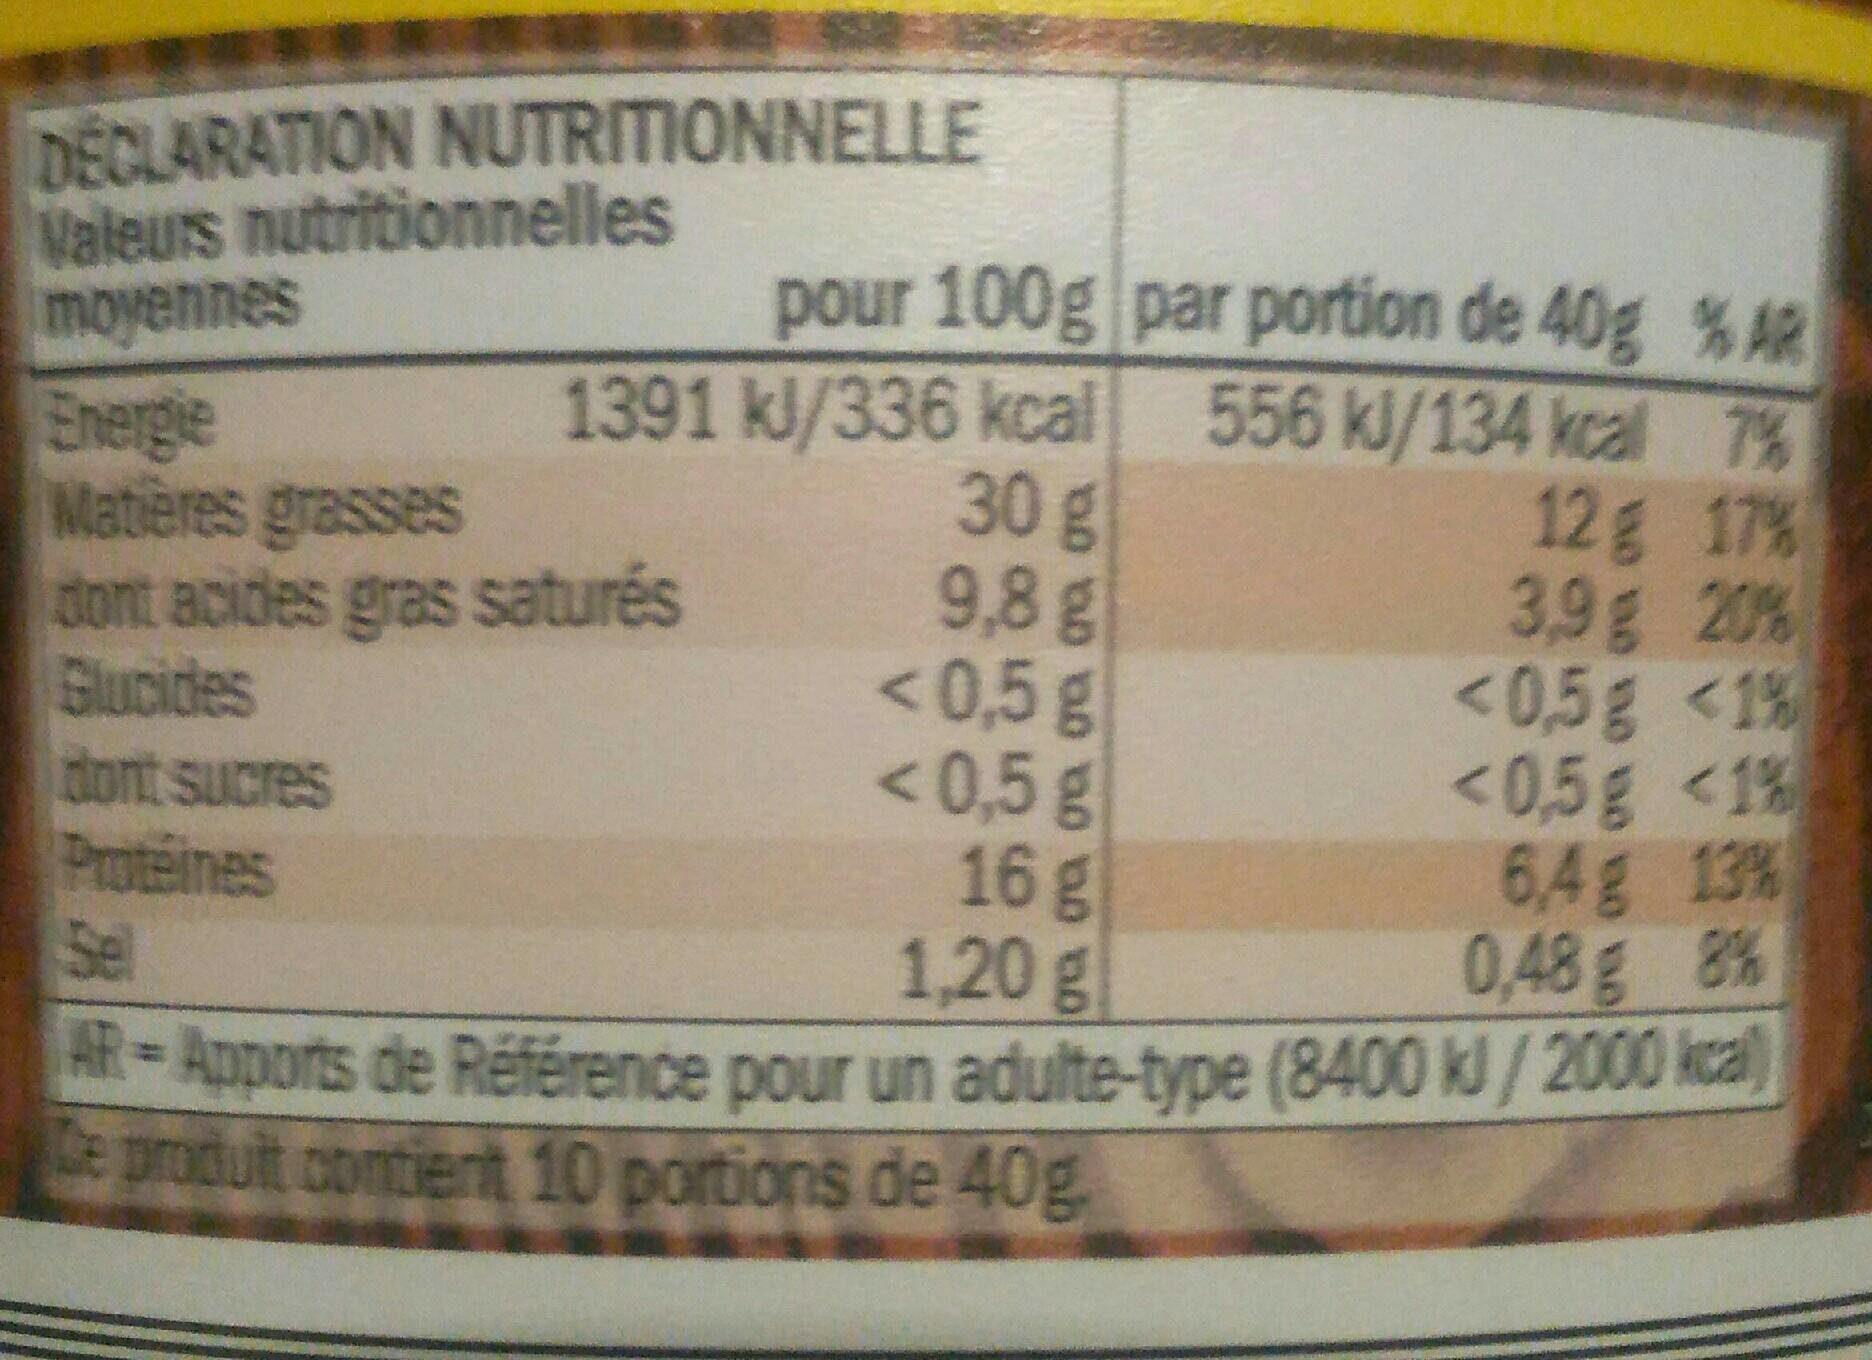 Rillettes de poulet - Informations nutritionnelles - fr